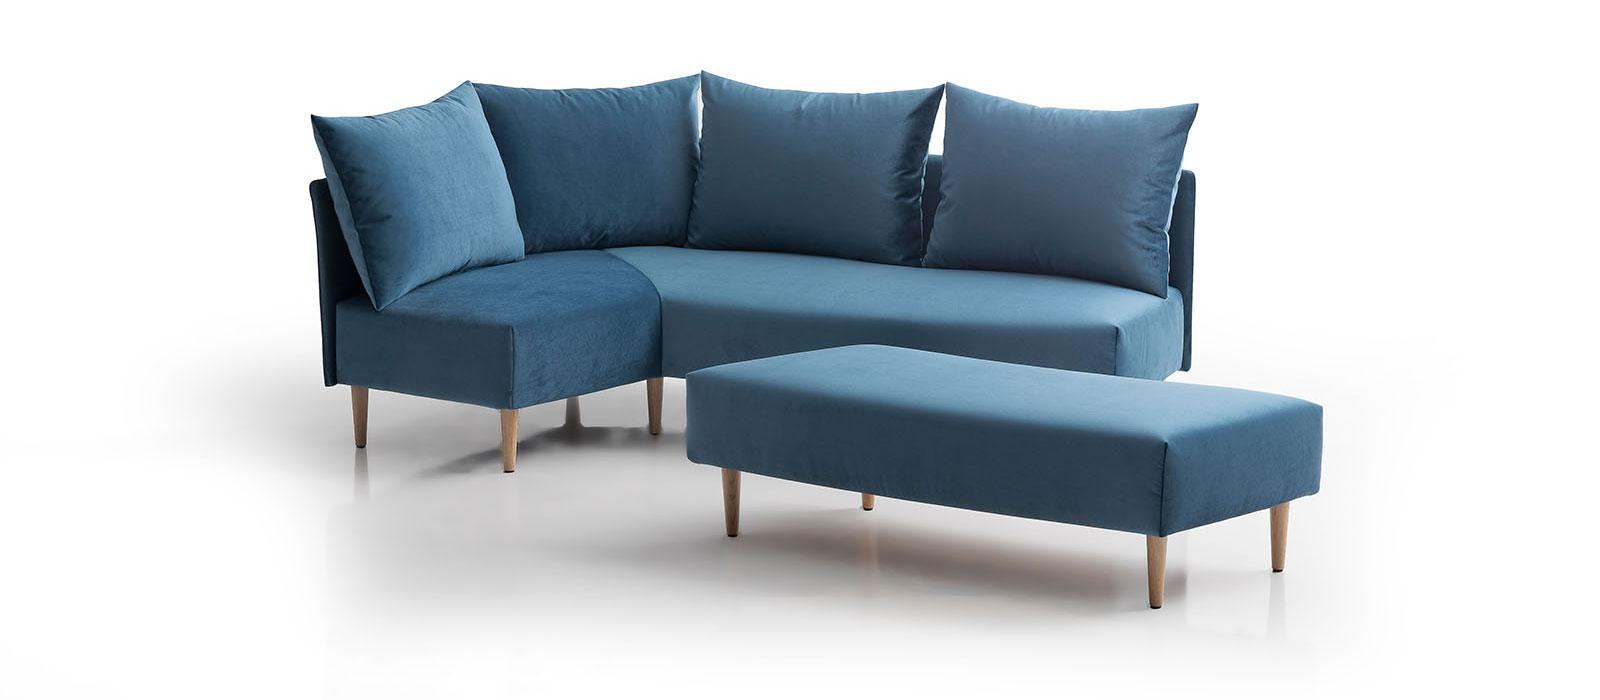 taipei schlafsofa von franz fertig sofabed. Black Bedroom Furniture Sets. Home Design Ideas